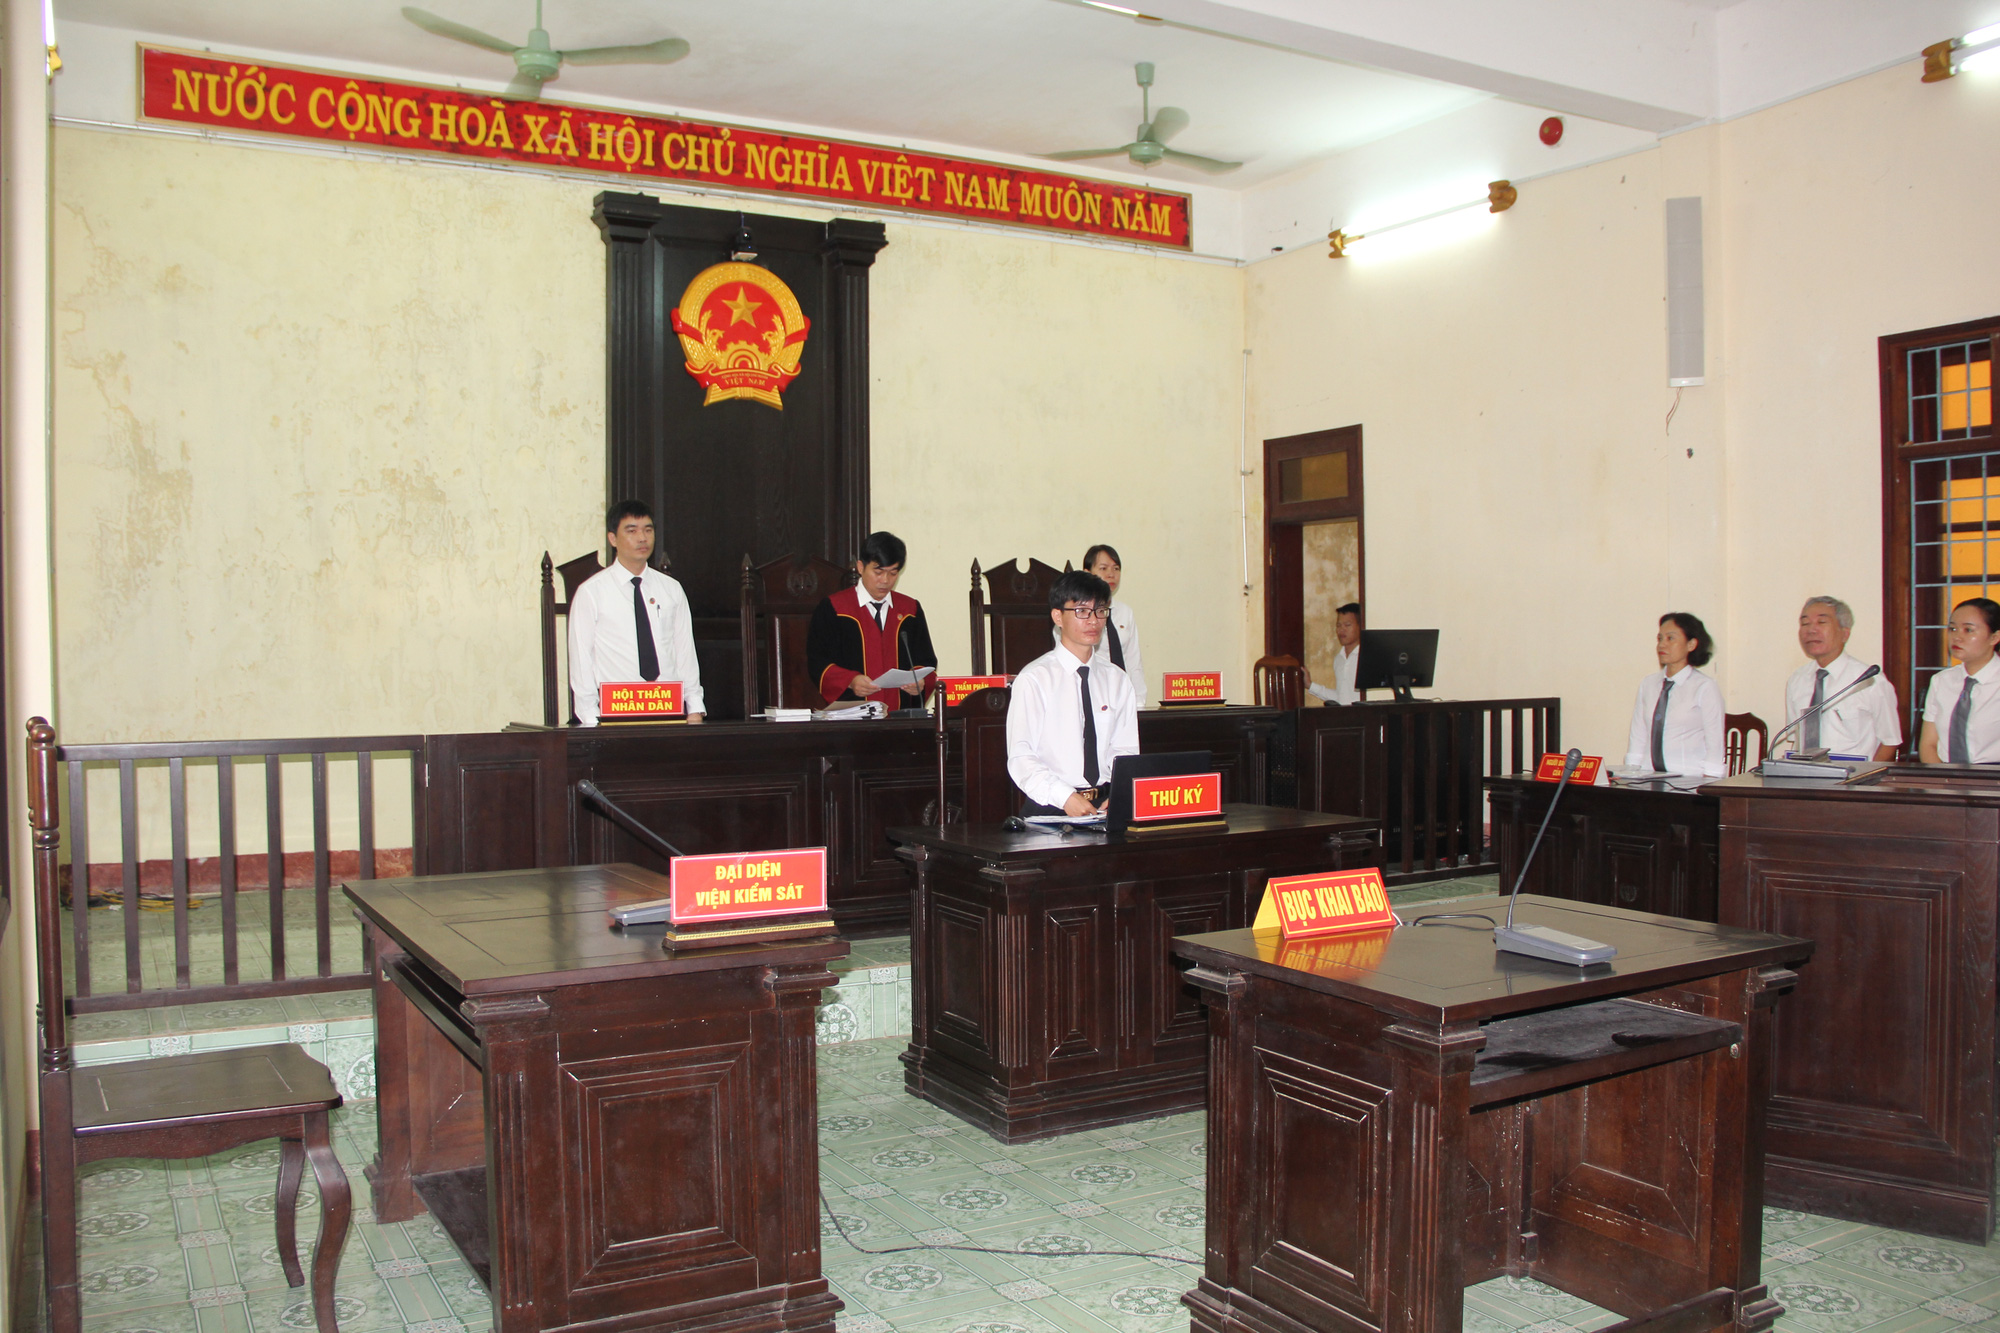 Tình tiết bất ngờ trong vụ án 2 cán bộ xã và cháu bé chết trong bể phốt ở Quảng Trị - Ảnh 3.